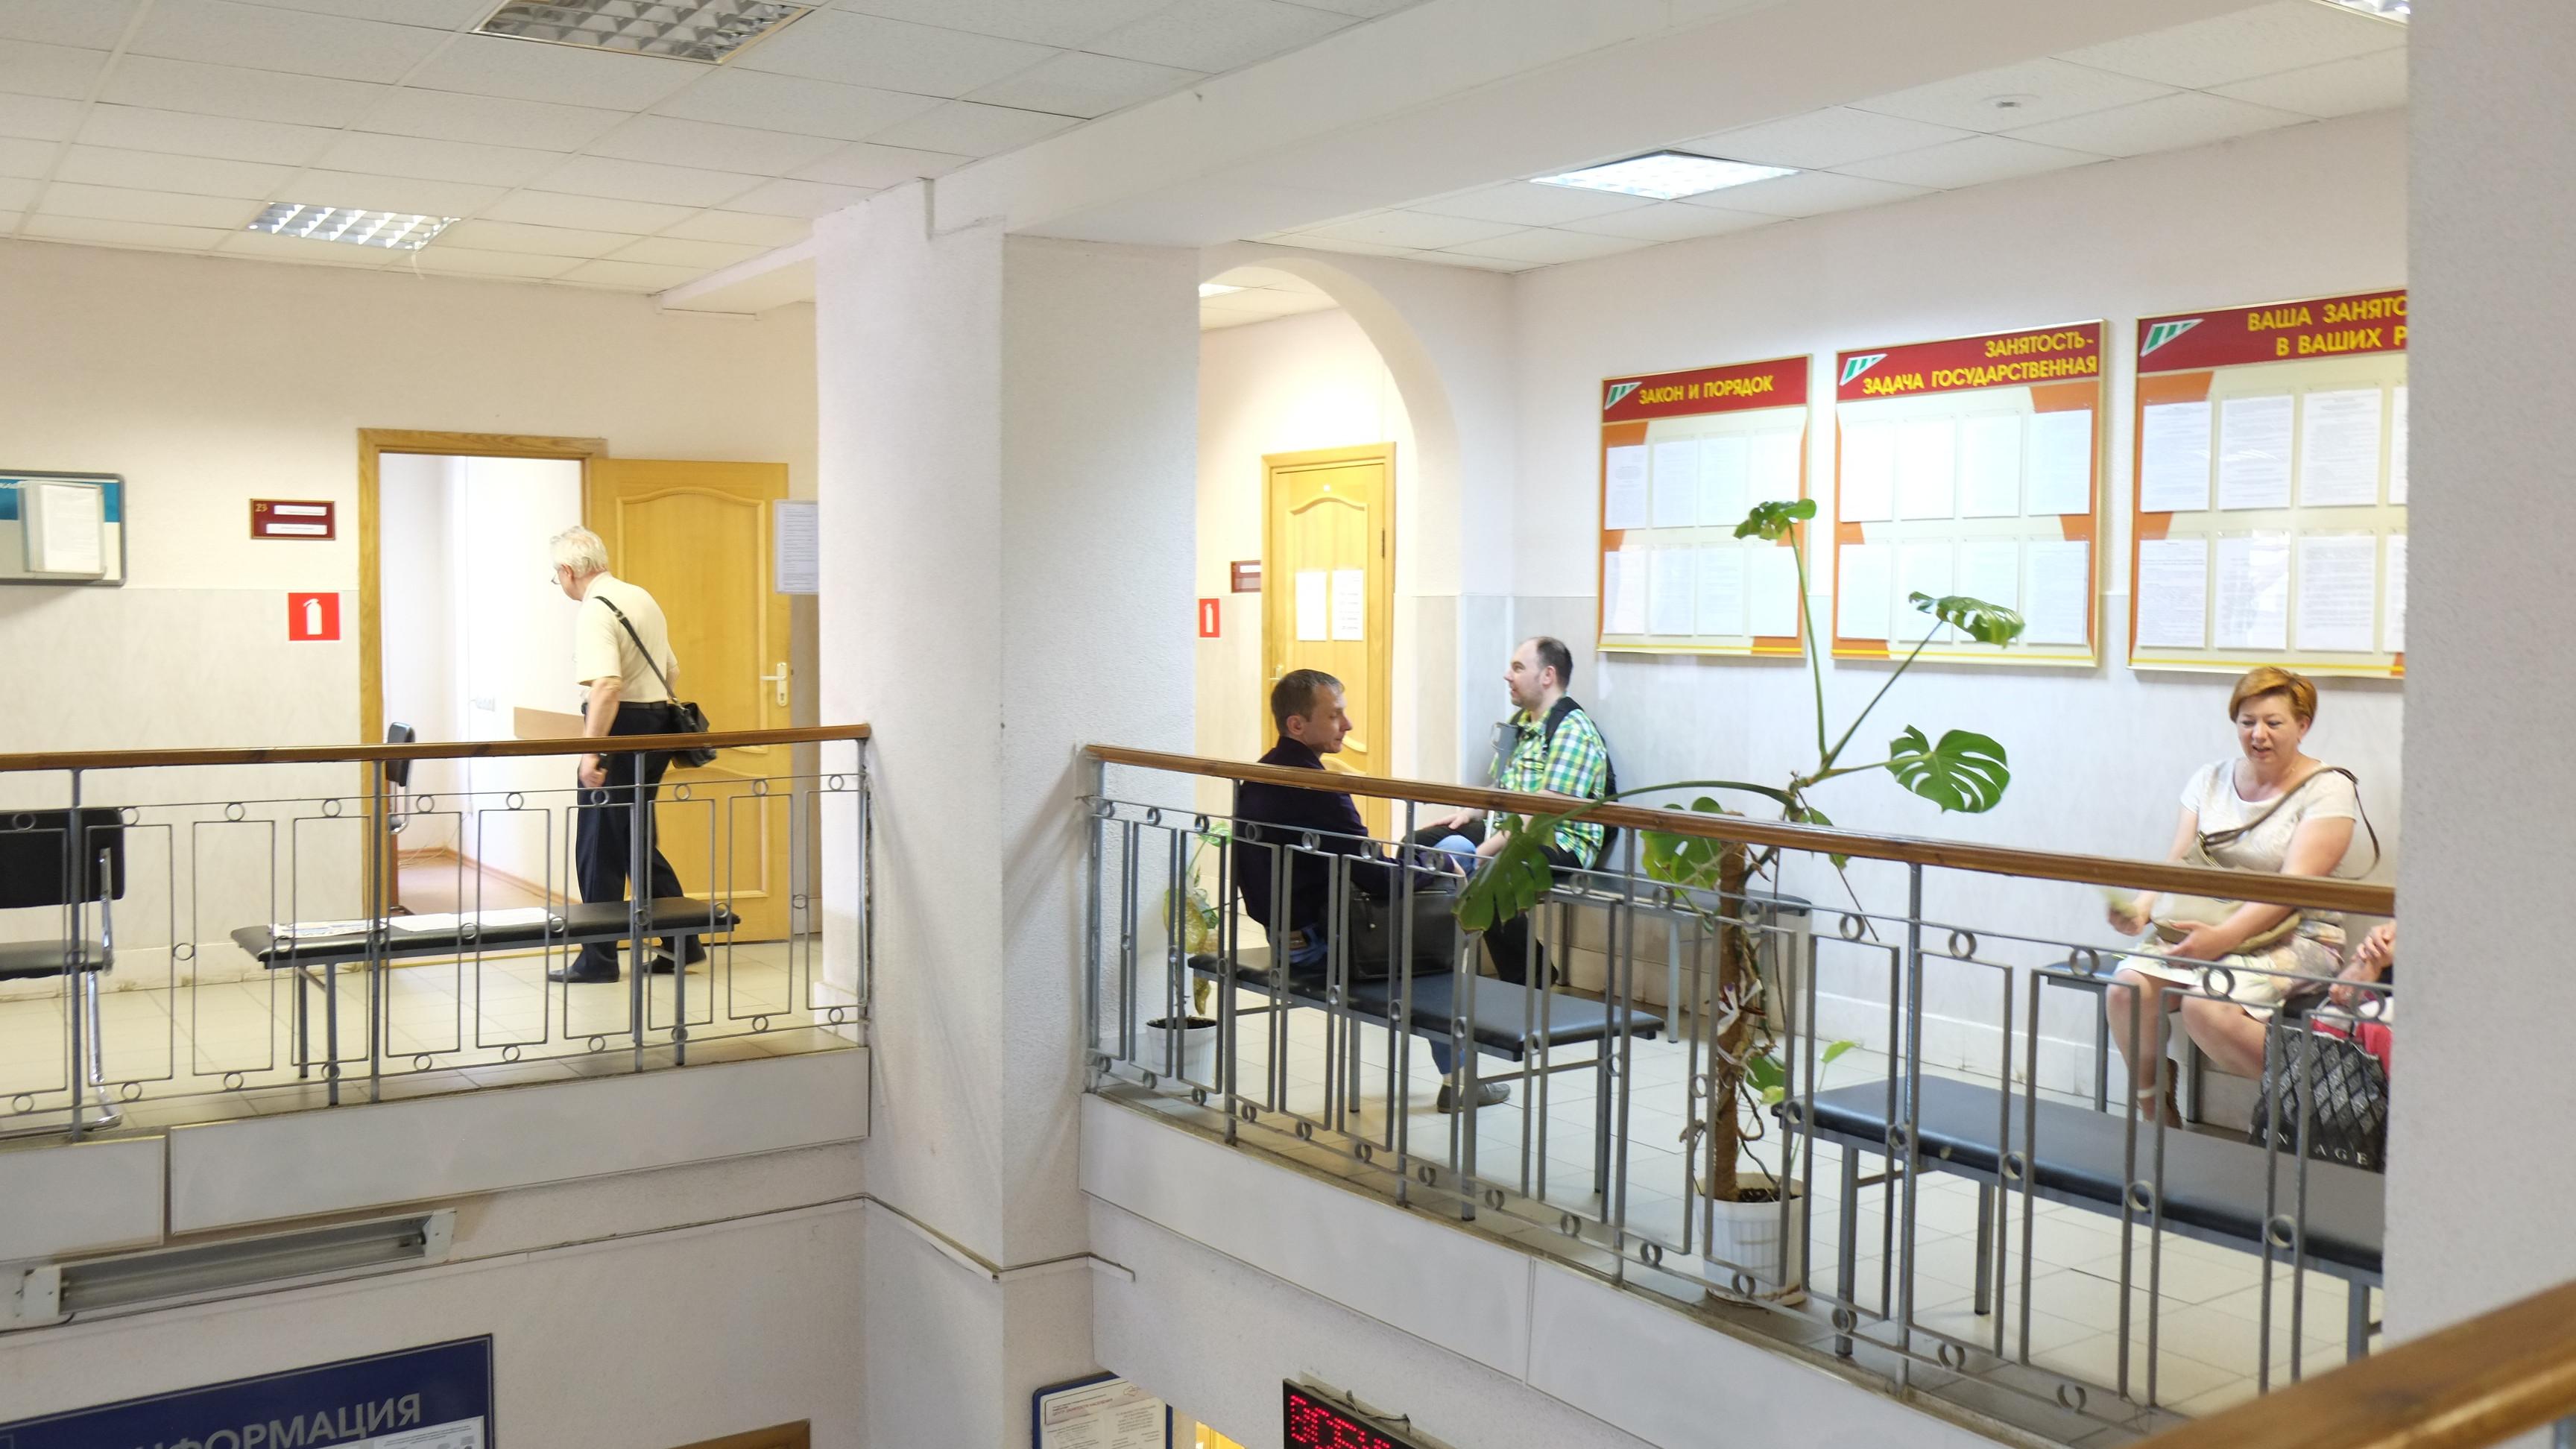 Более 4,5 тыс. безработных начали переобучение по востребованным специальностям в Подмосковье